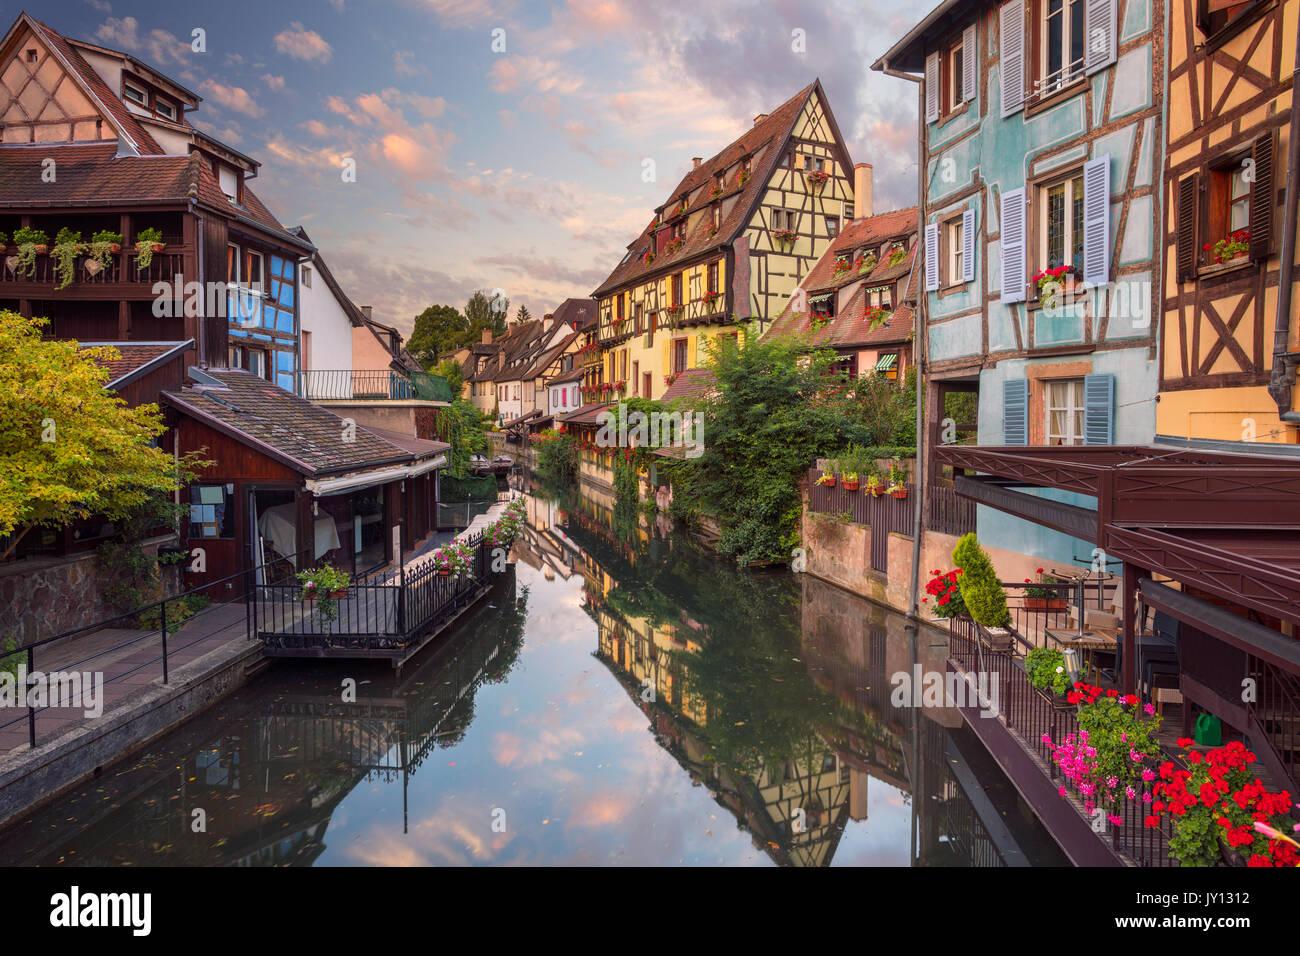 Stadt von Colmar. Stadtbild das Bild der Innenstadt von Colmar, Frankreich bei Sonnenaufgang. Stockbild